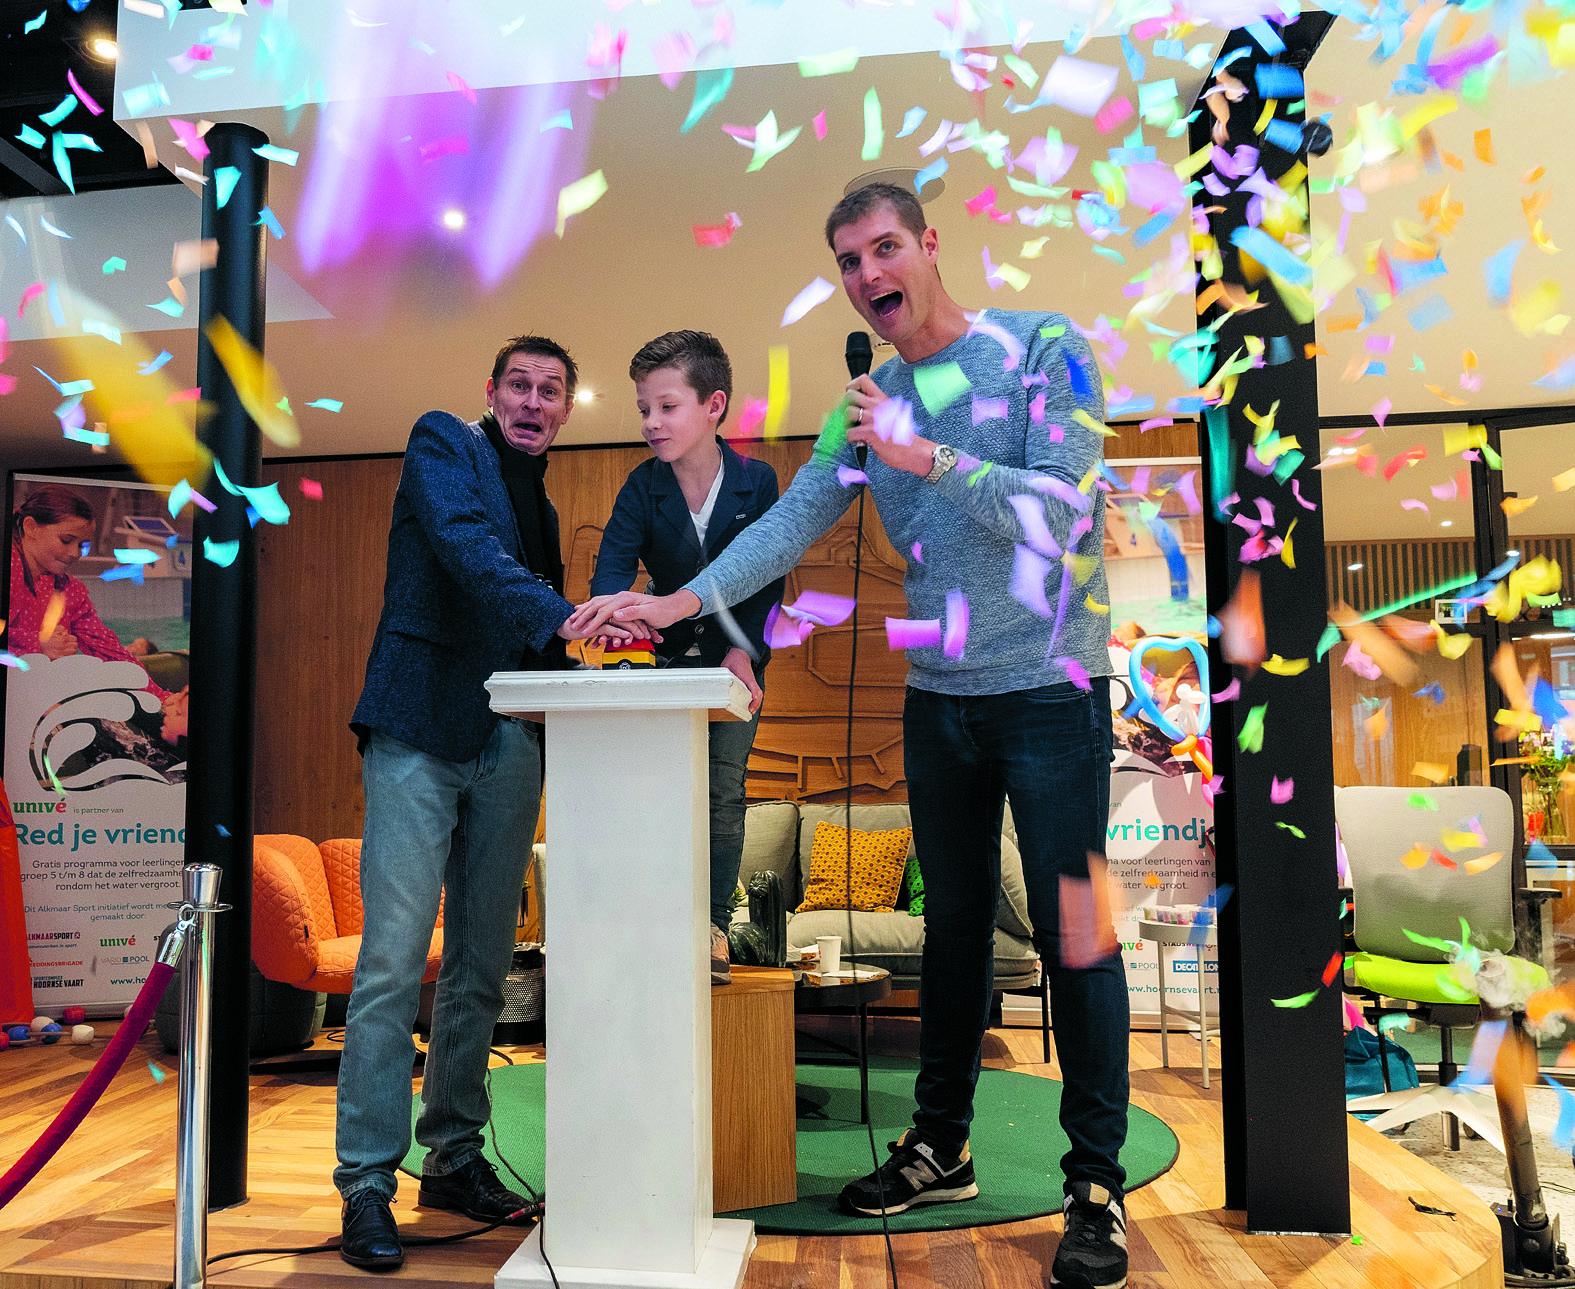 Olympisch kampioen Maarten van der Weijden (rechts) verzorgde zaterdag 1 december de kick off van 'Red je vriendje'. (Foto: aangeleverd)